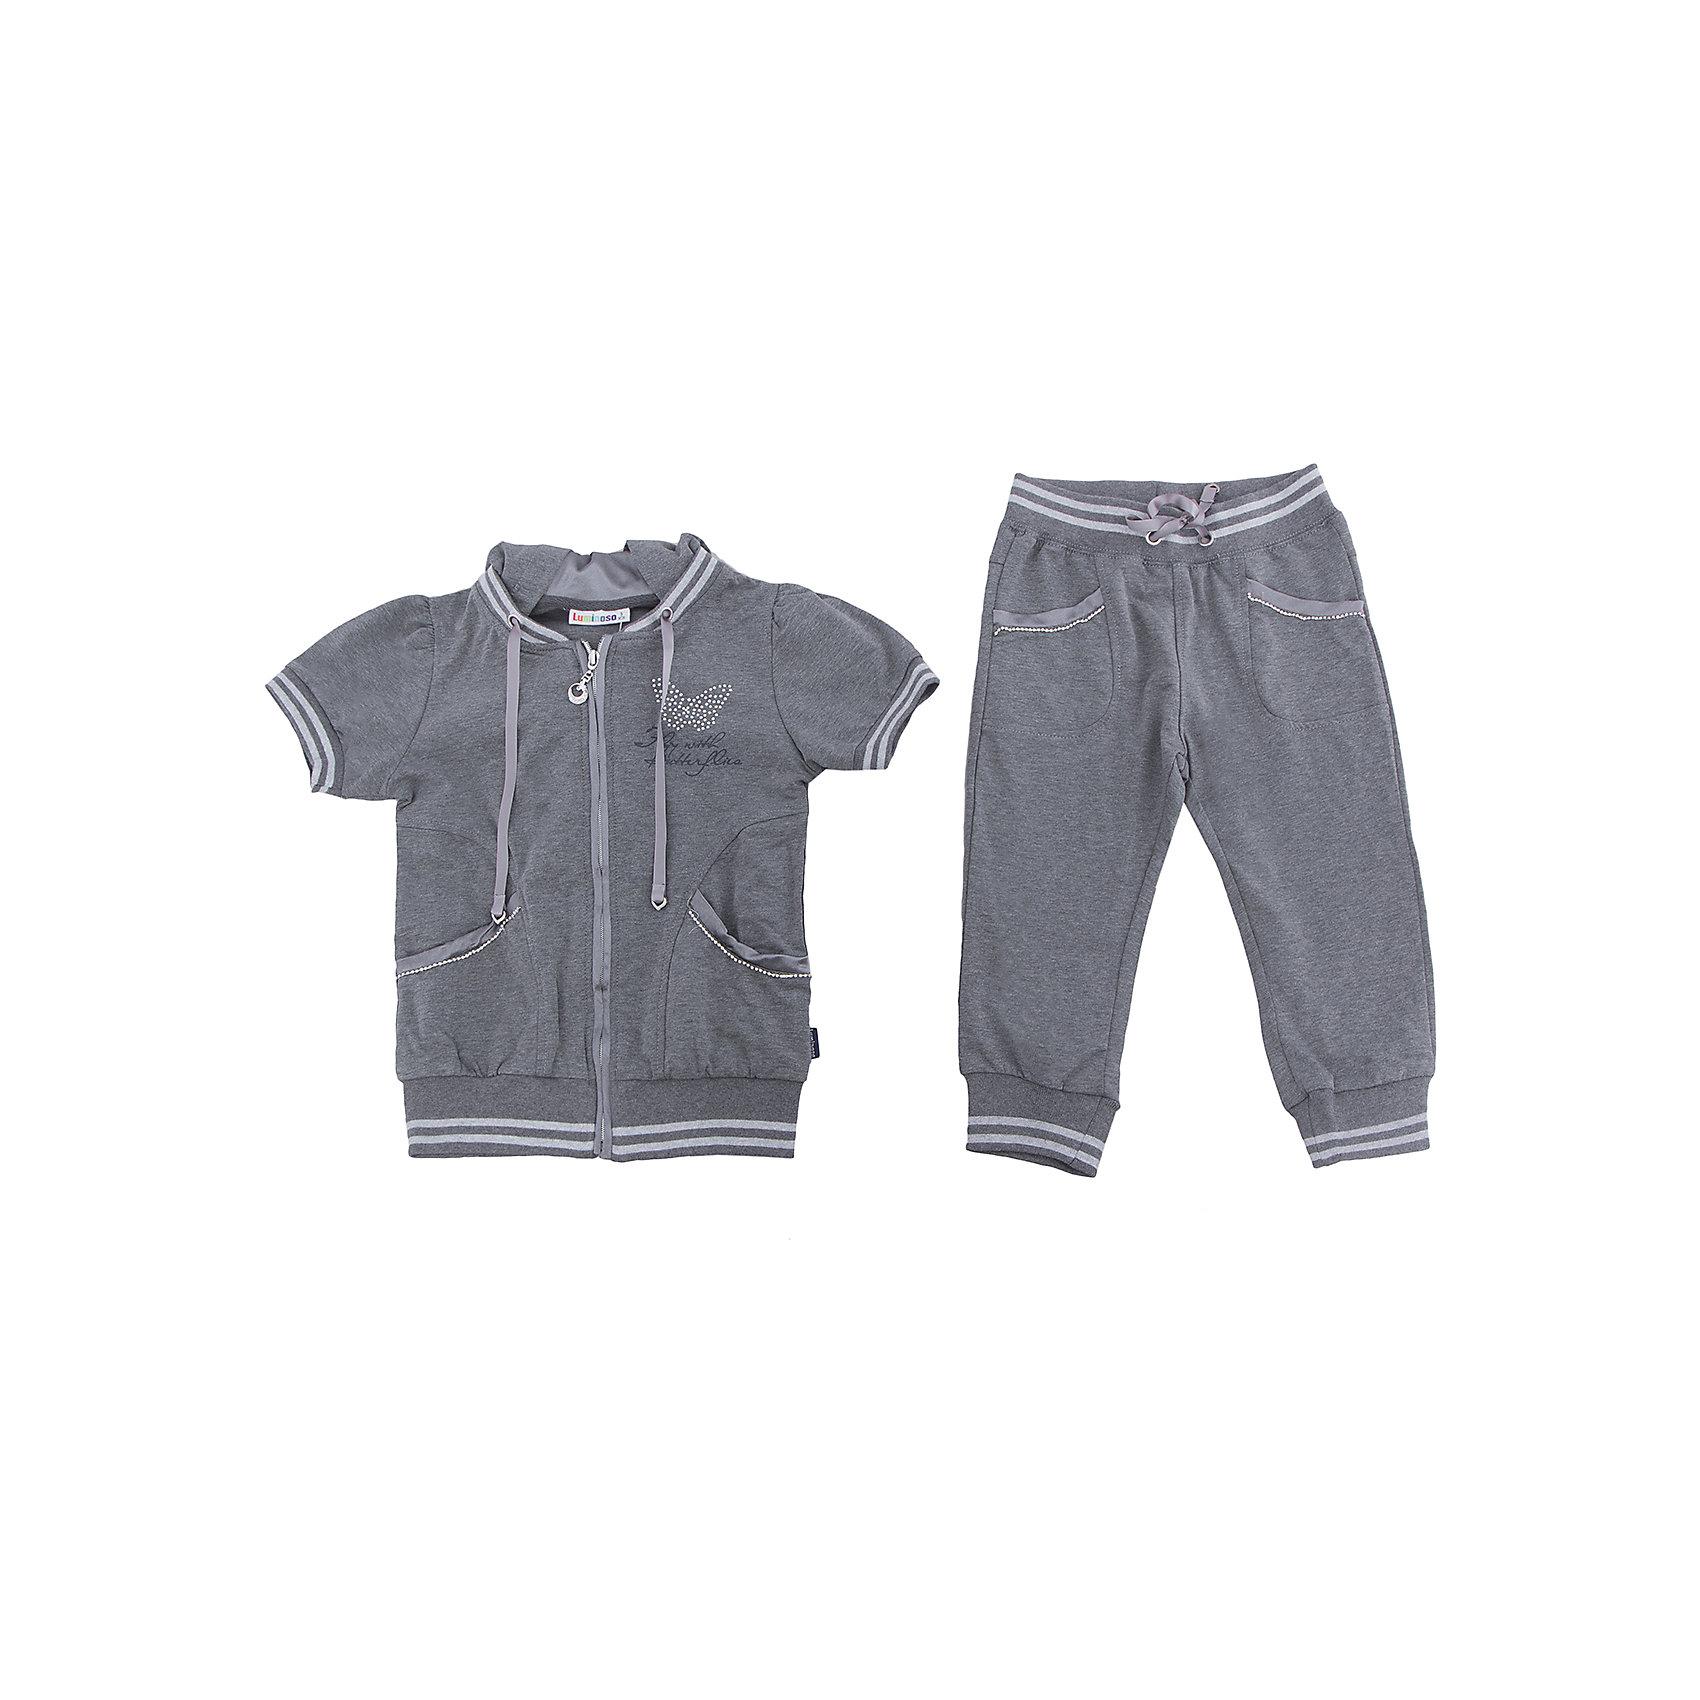 Спортивный костюм для девочки LuminosoКомплекты<br>Костюм для девочки из мягкого трикотажа. Куртка застегивается на молнию. Спинка декорирована аппликацией из бархата. Брюки укороченного кроя с зауженным низом собранные на мягкую резинку. Пояс-резинка дополнен шнуром для регулирования объема.<br>Состав:<br>95%хлопок 5%эластан<br><br>Ширина мм: 247<br>Глубина мм: 16<br>Высота мм: 140<br>Вес г: 225<br>Цвет: серый<br>Возраст от месяцев: 108<br>Возраст до месяцев: 120<br>Пол: Женский<br>Возраст: Детский<br>Размер: 140,134,164,158,152,146<br>SKU: 5413059